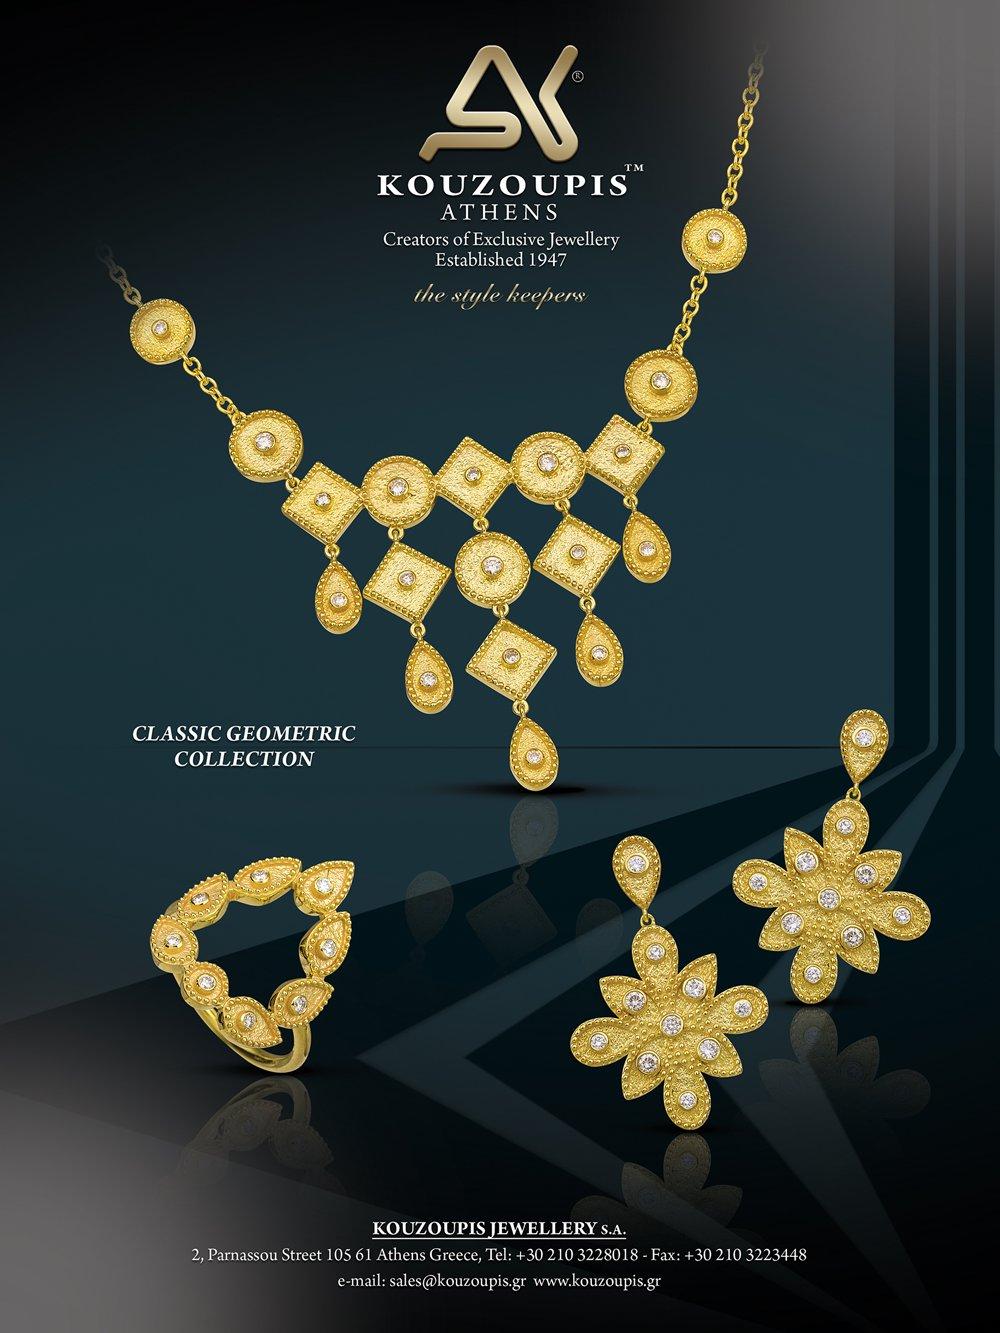 18k elegant jewellery, gold jewelry, precious stones, gold jewellery, diamond jewellery